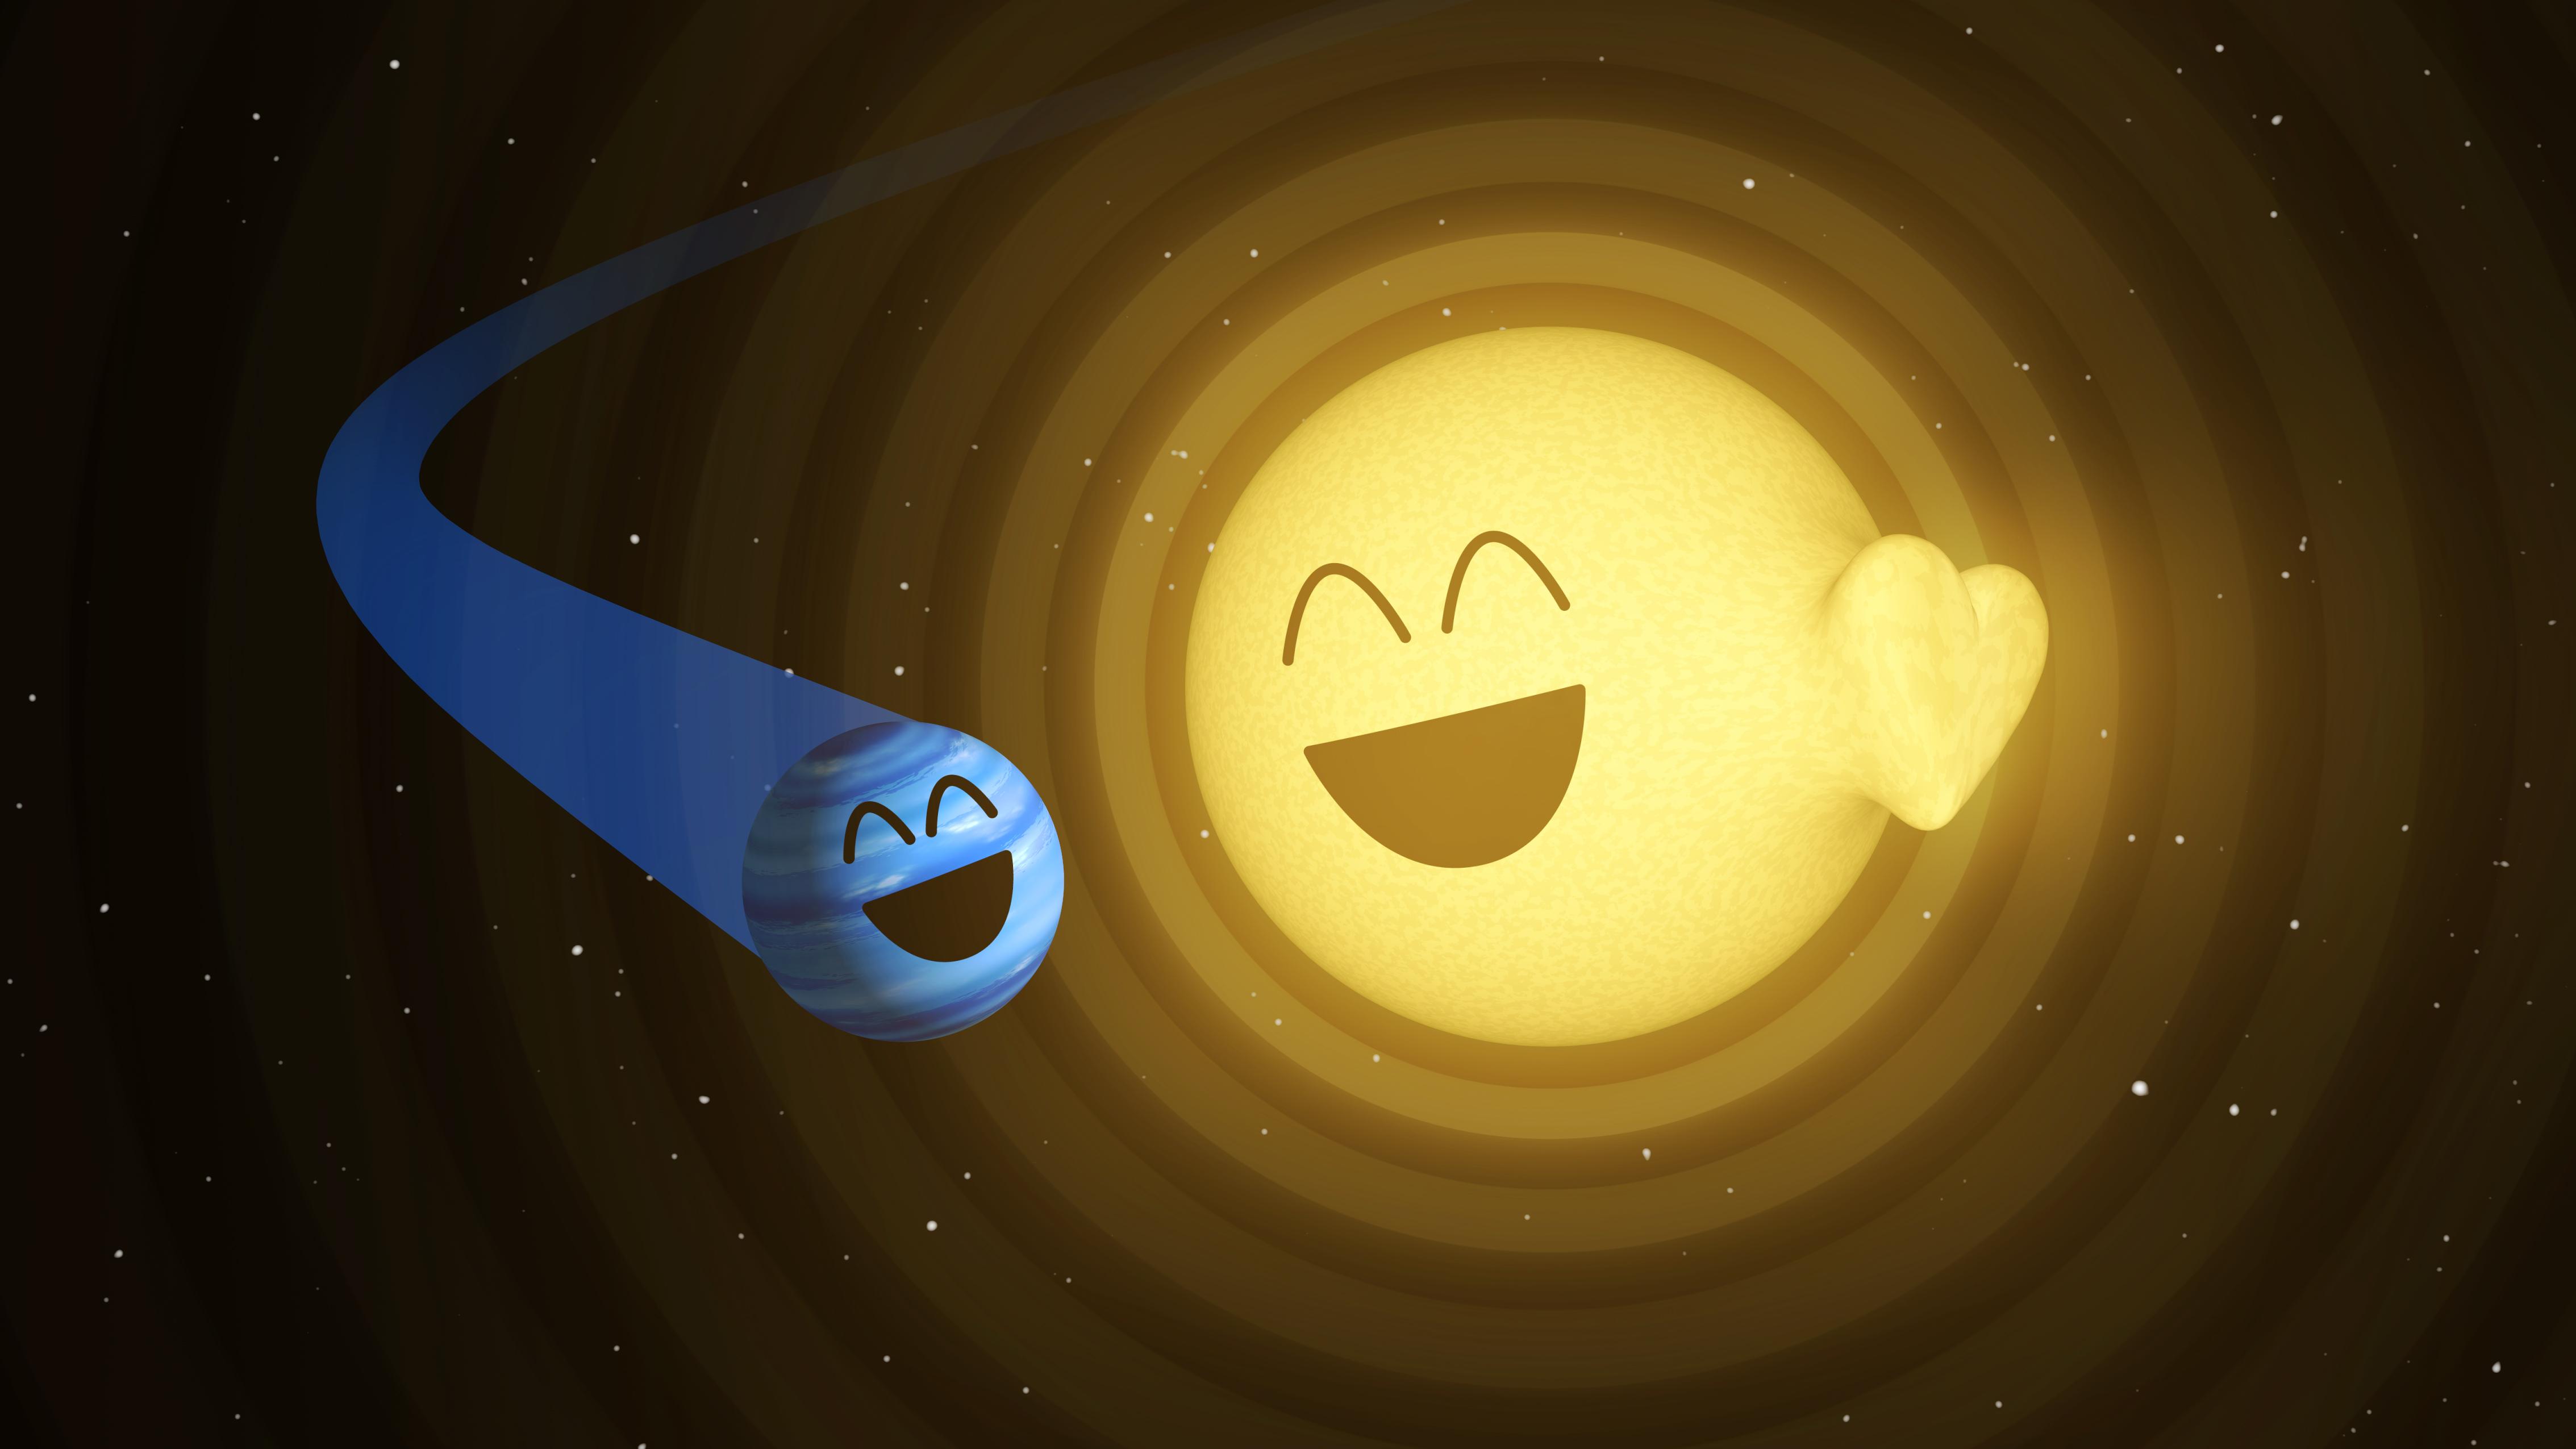 Cosmic Love: Star's Heart Beats for Giant Alien Planet